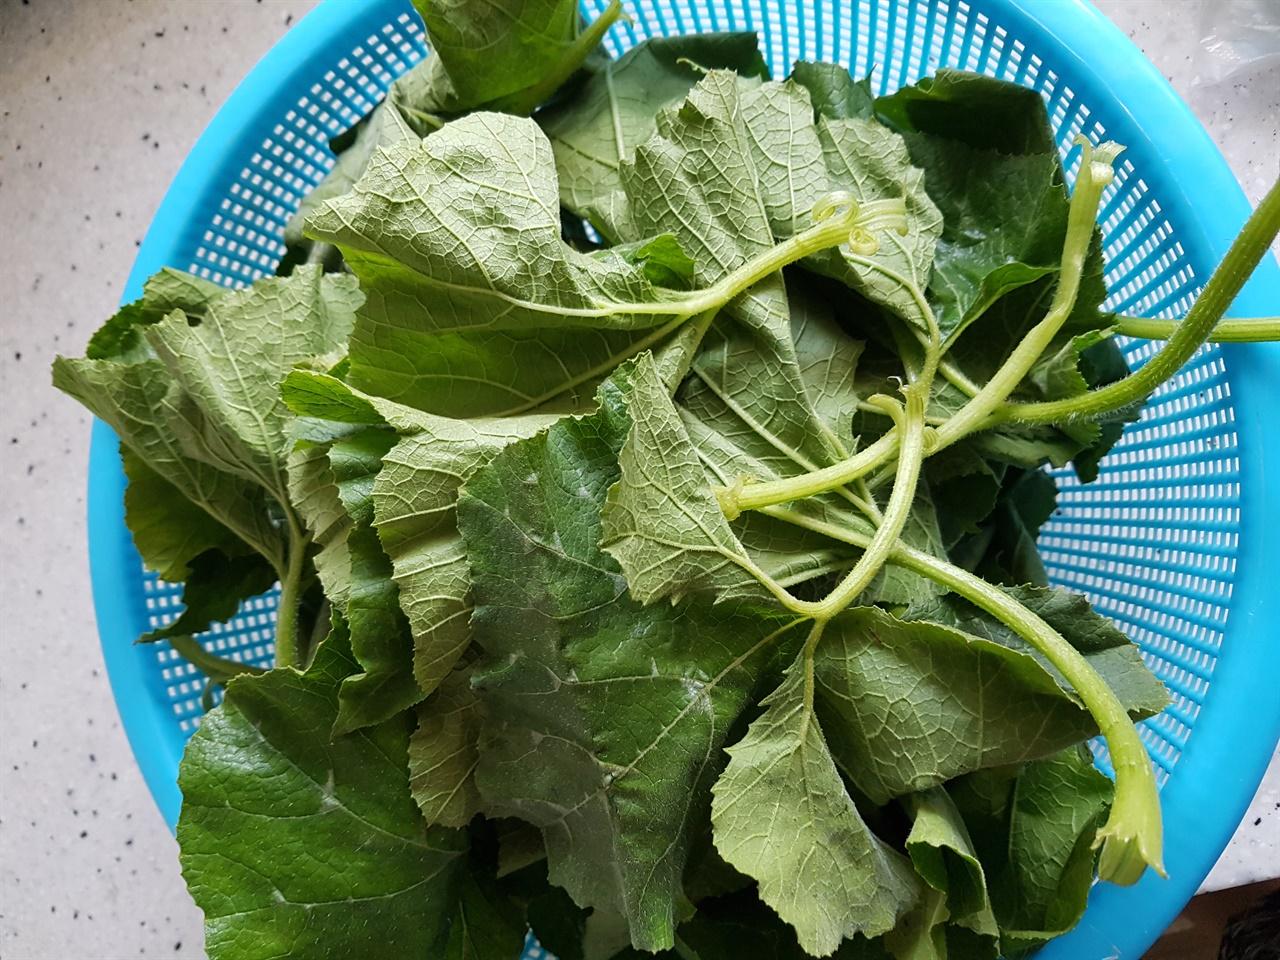 호박잎 껍질을 벗겨 놓은 호박잎